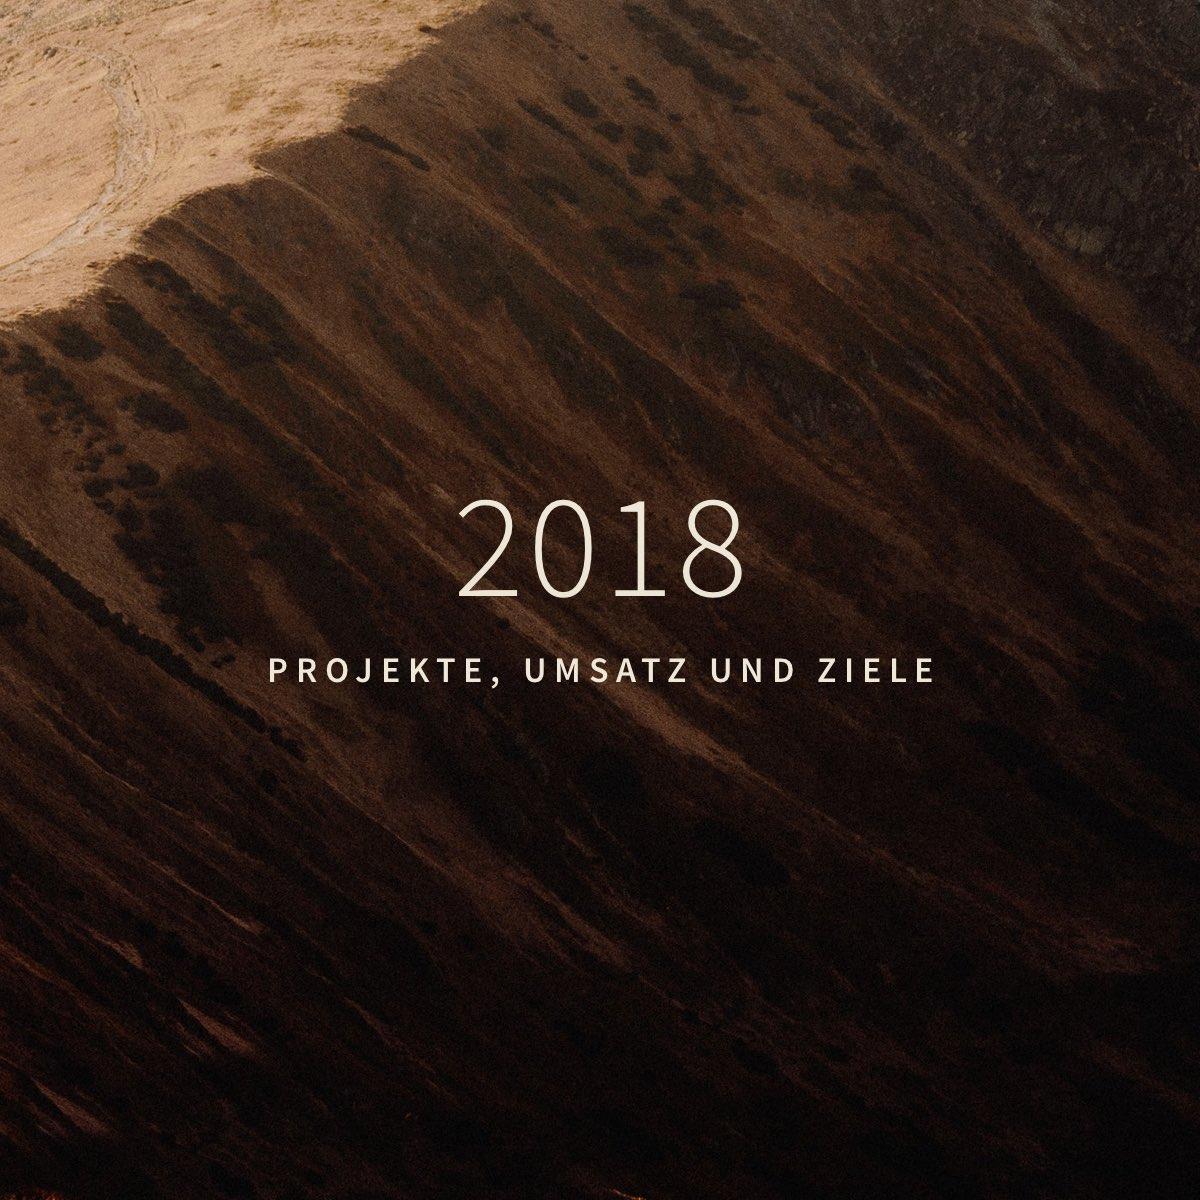 Meine Projekte, Umsatz und Ziele als Webdesigner – 2018